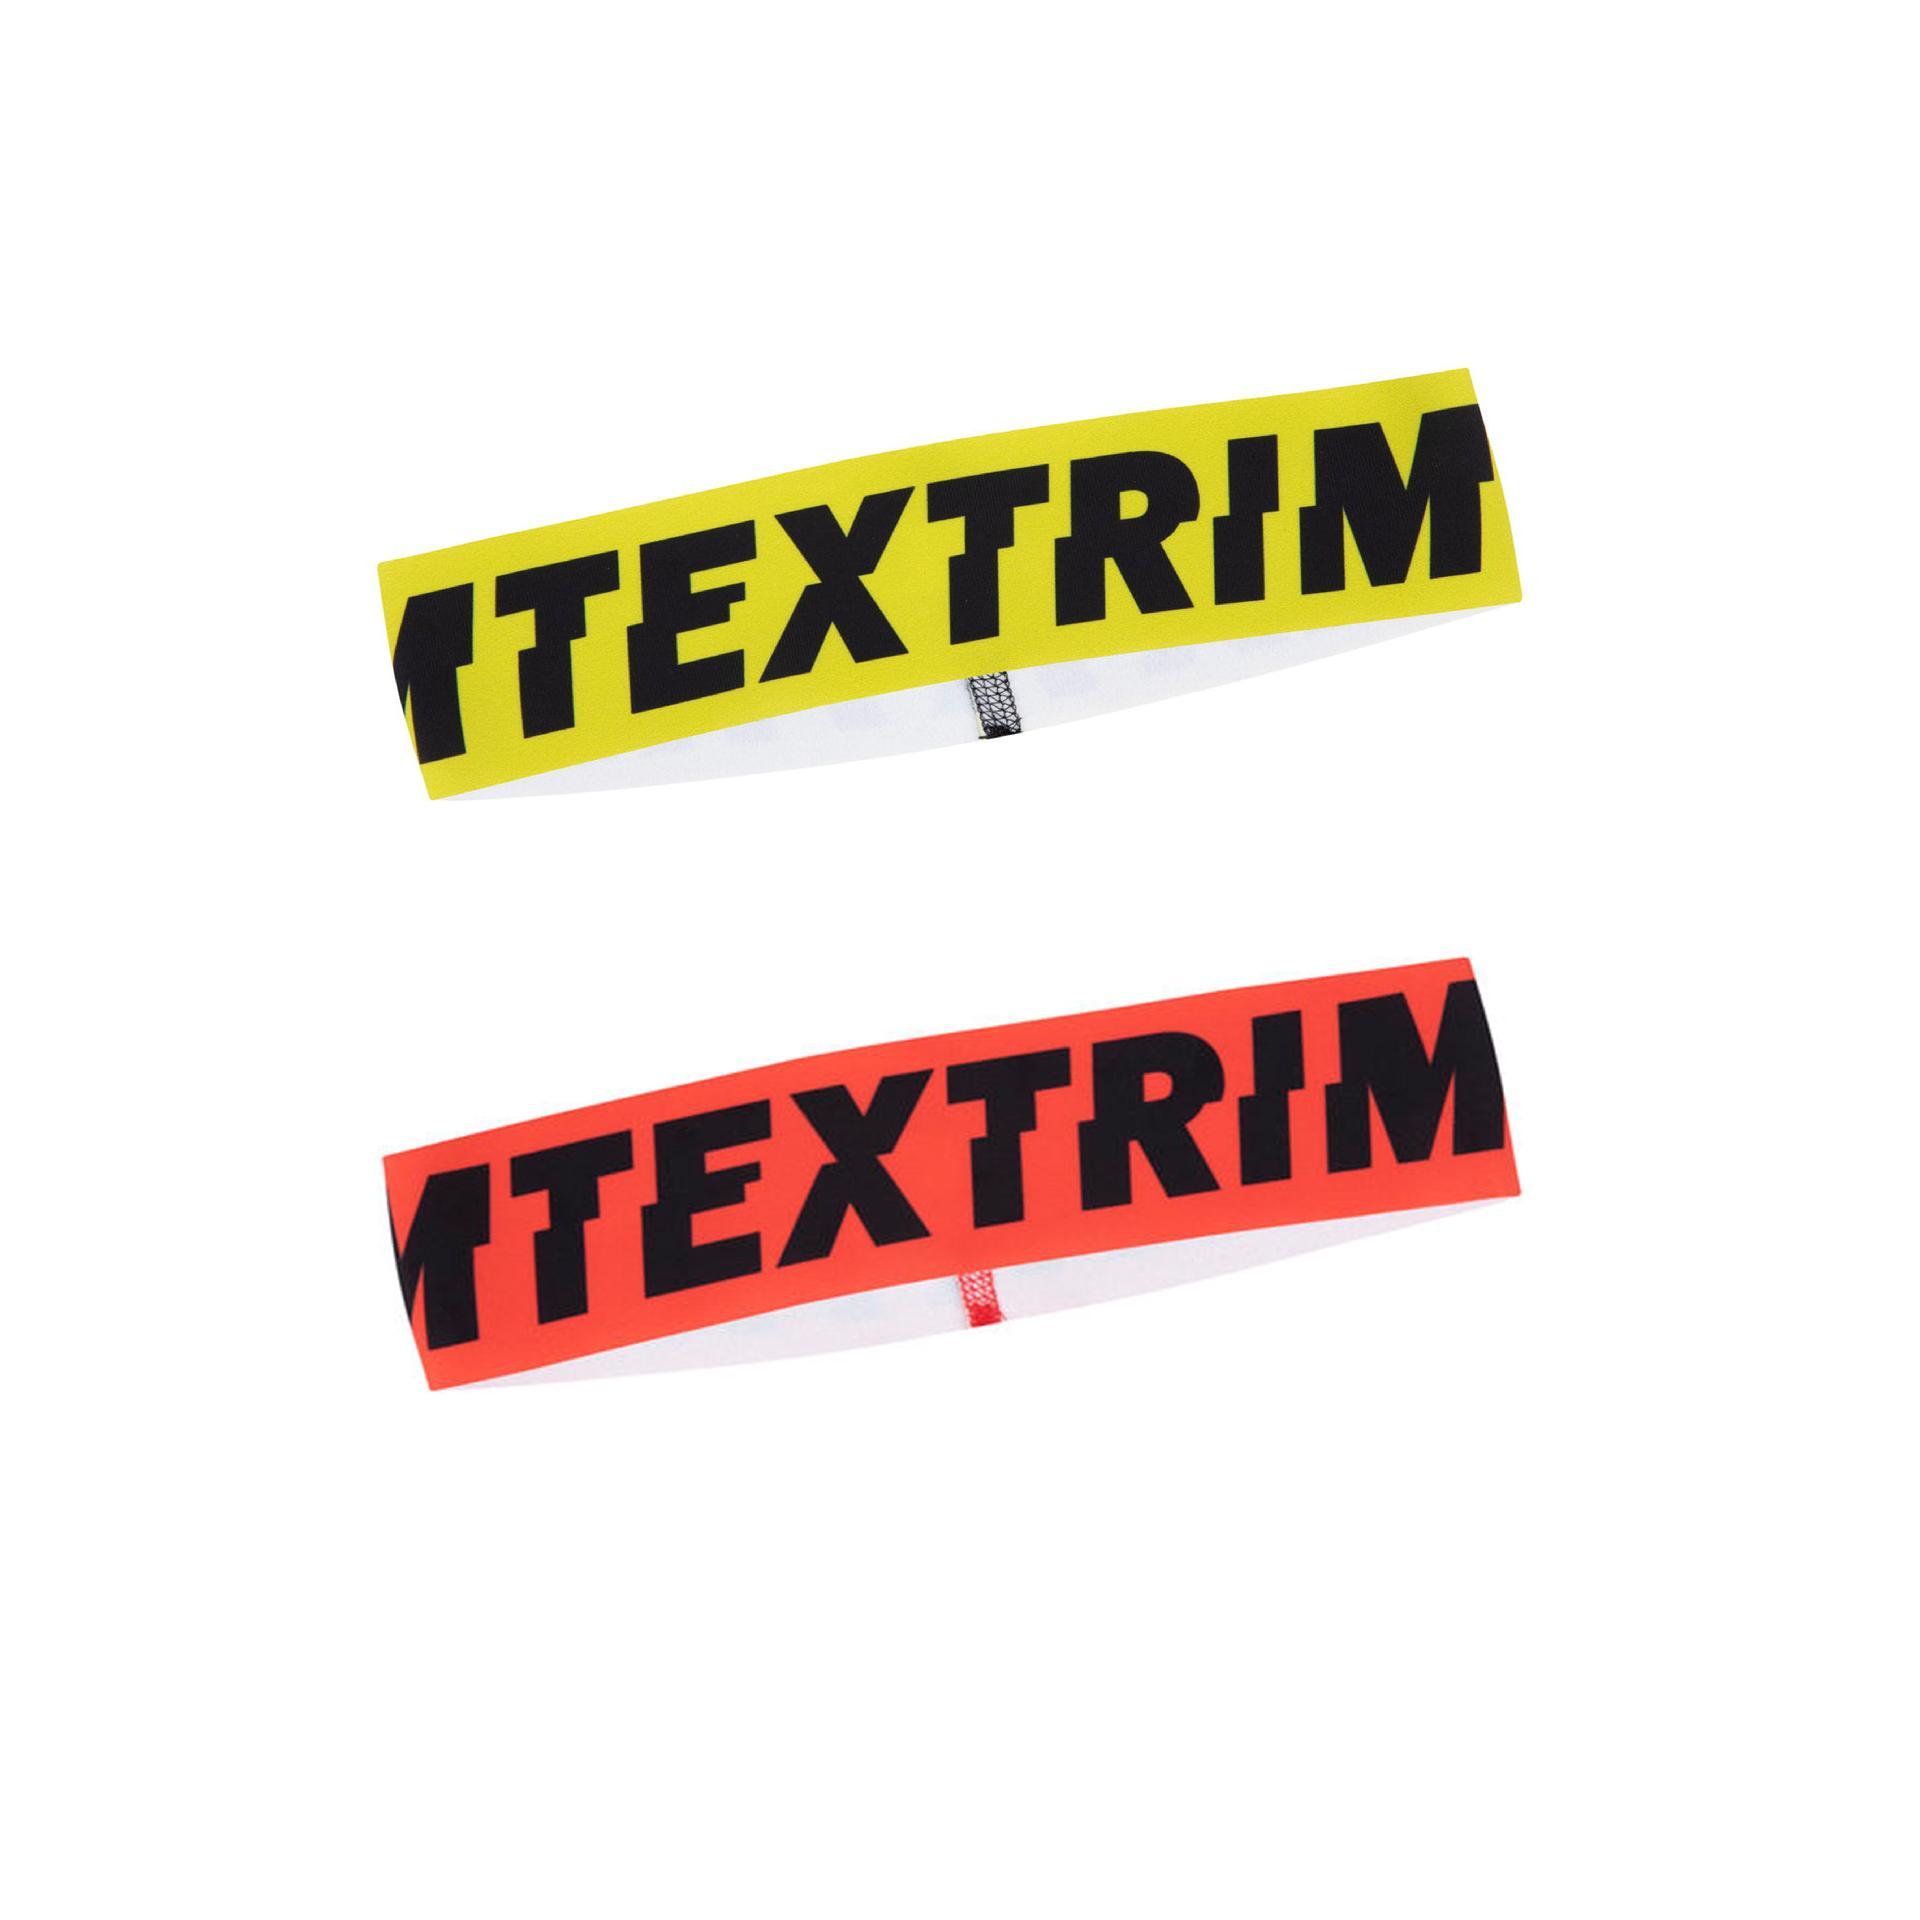 CINTA PELO TRIMTEX NEW